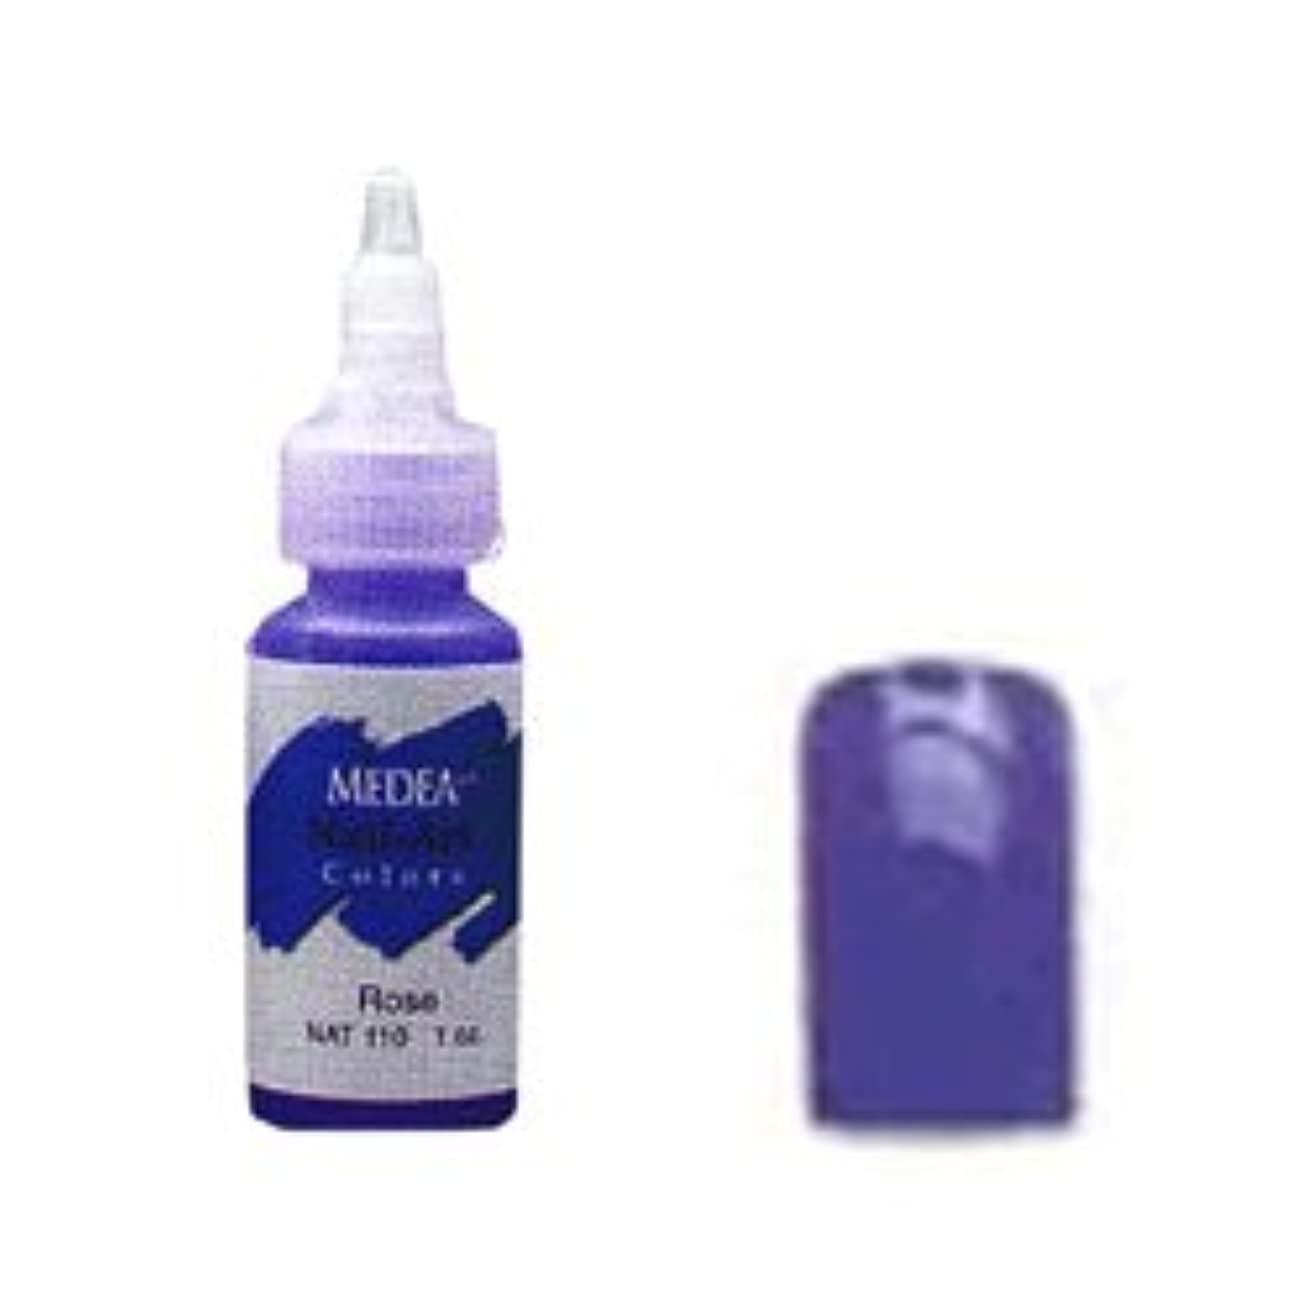 予防接種欠陥セマフォネイルカラー30ml アイシーブルー NAT122